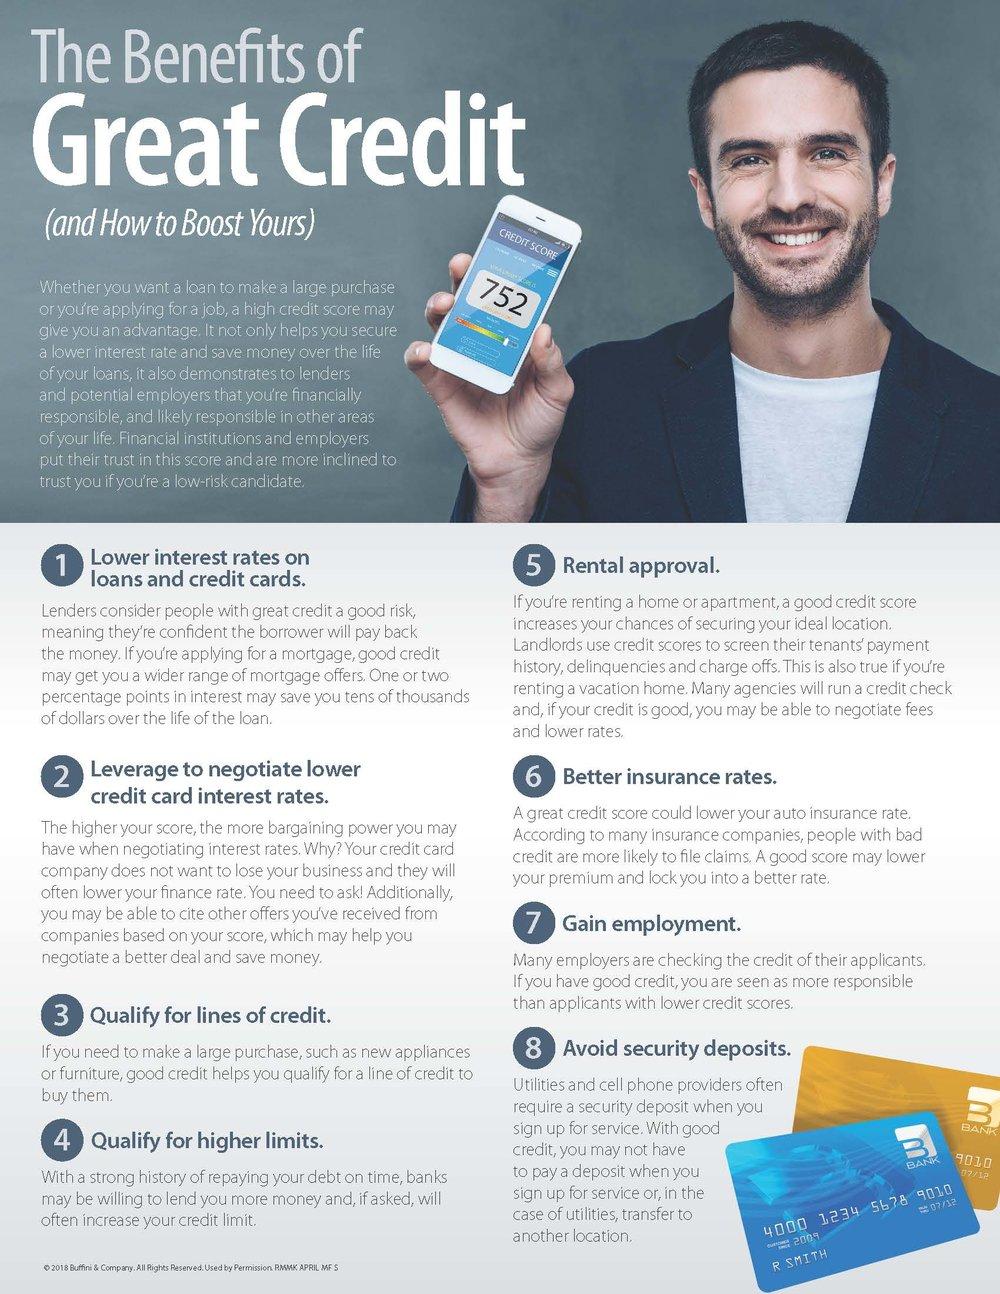 BenefitsOfGreatCredit4-2018_Page_1.jpg